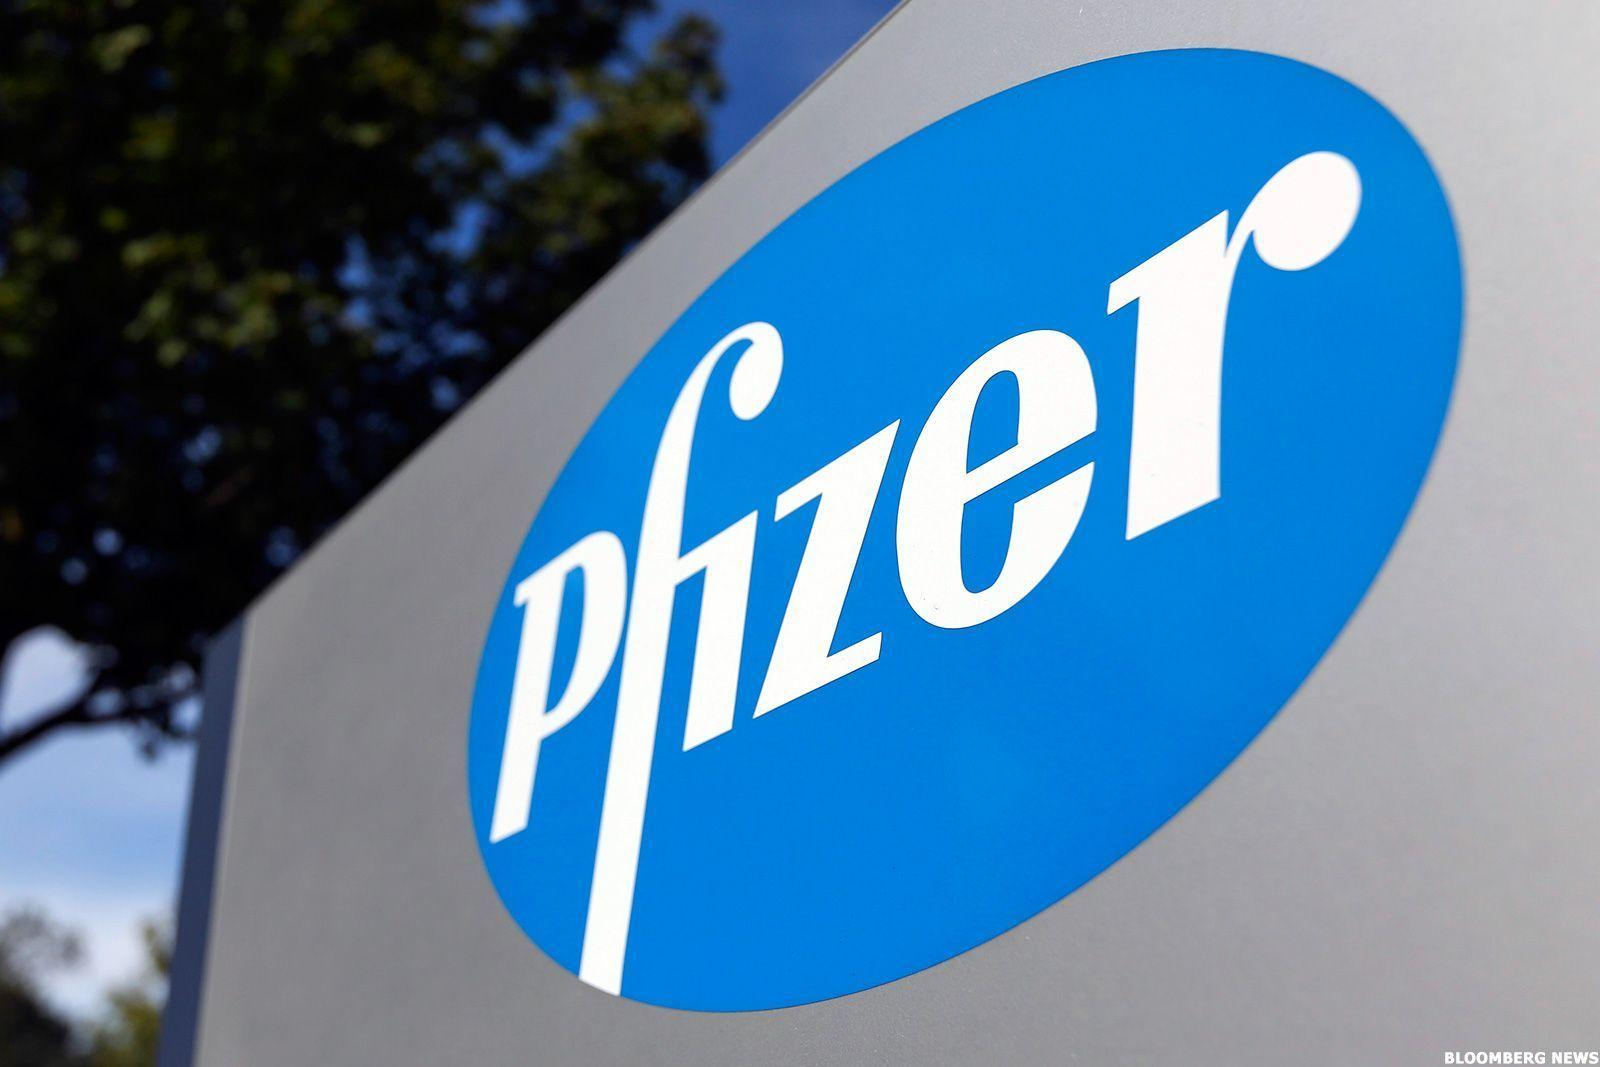 Pfizer Hellas: Δωρεά στο Σωματείο ΕΡΜΗΣ για τη βελτίωση της ποιότητας ζωής ατόμων με αναπηρία